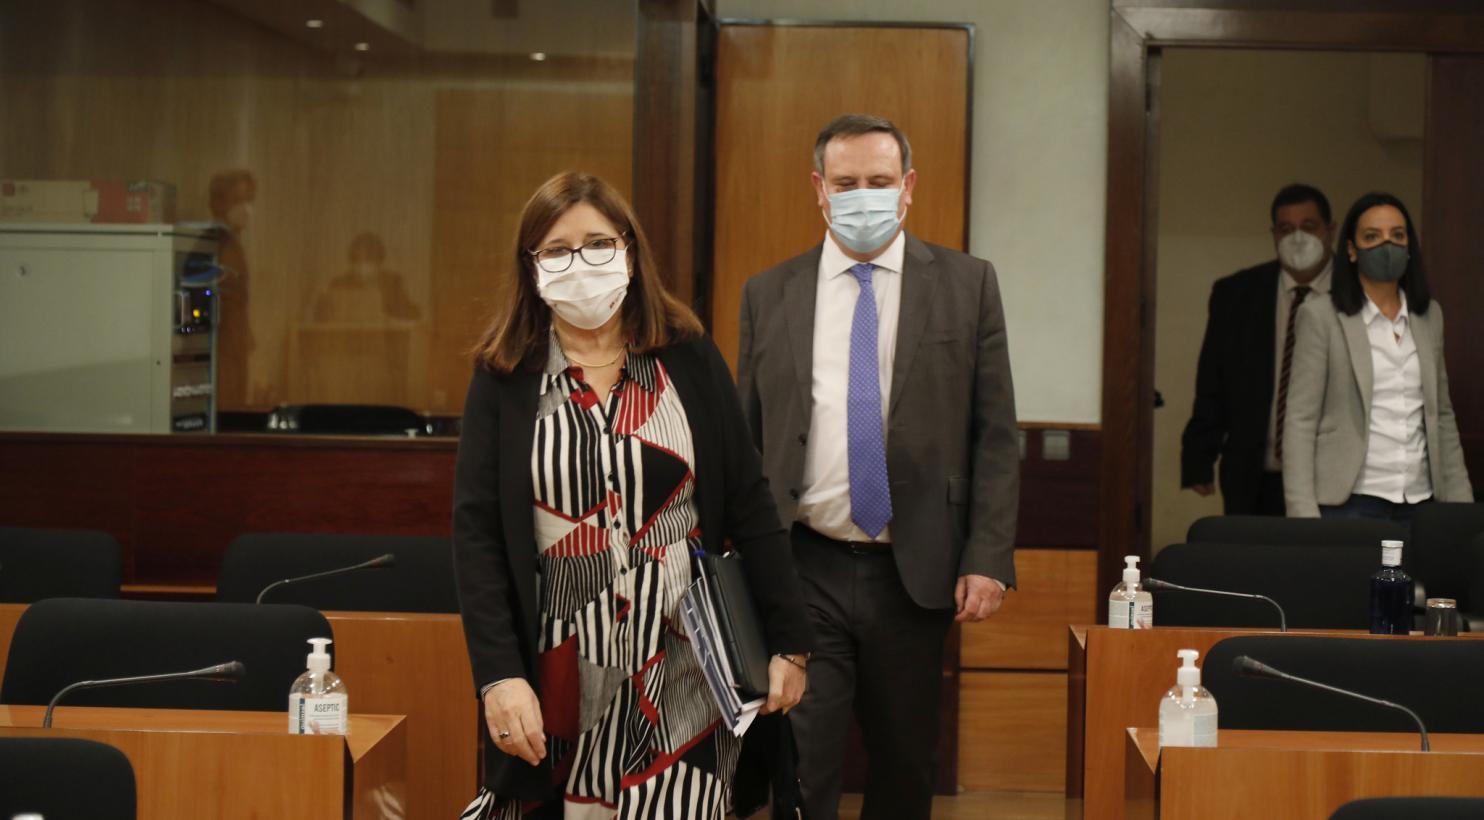 El Gobierno de Castilla-La Mancha ha destinado más de 400 millones de euros para hacer frente a la pandemia de coronavirus